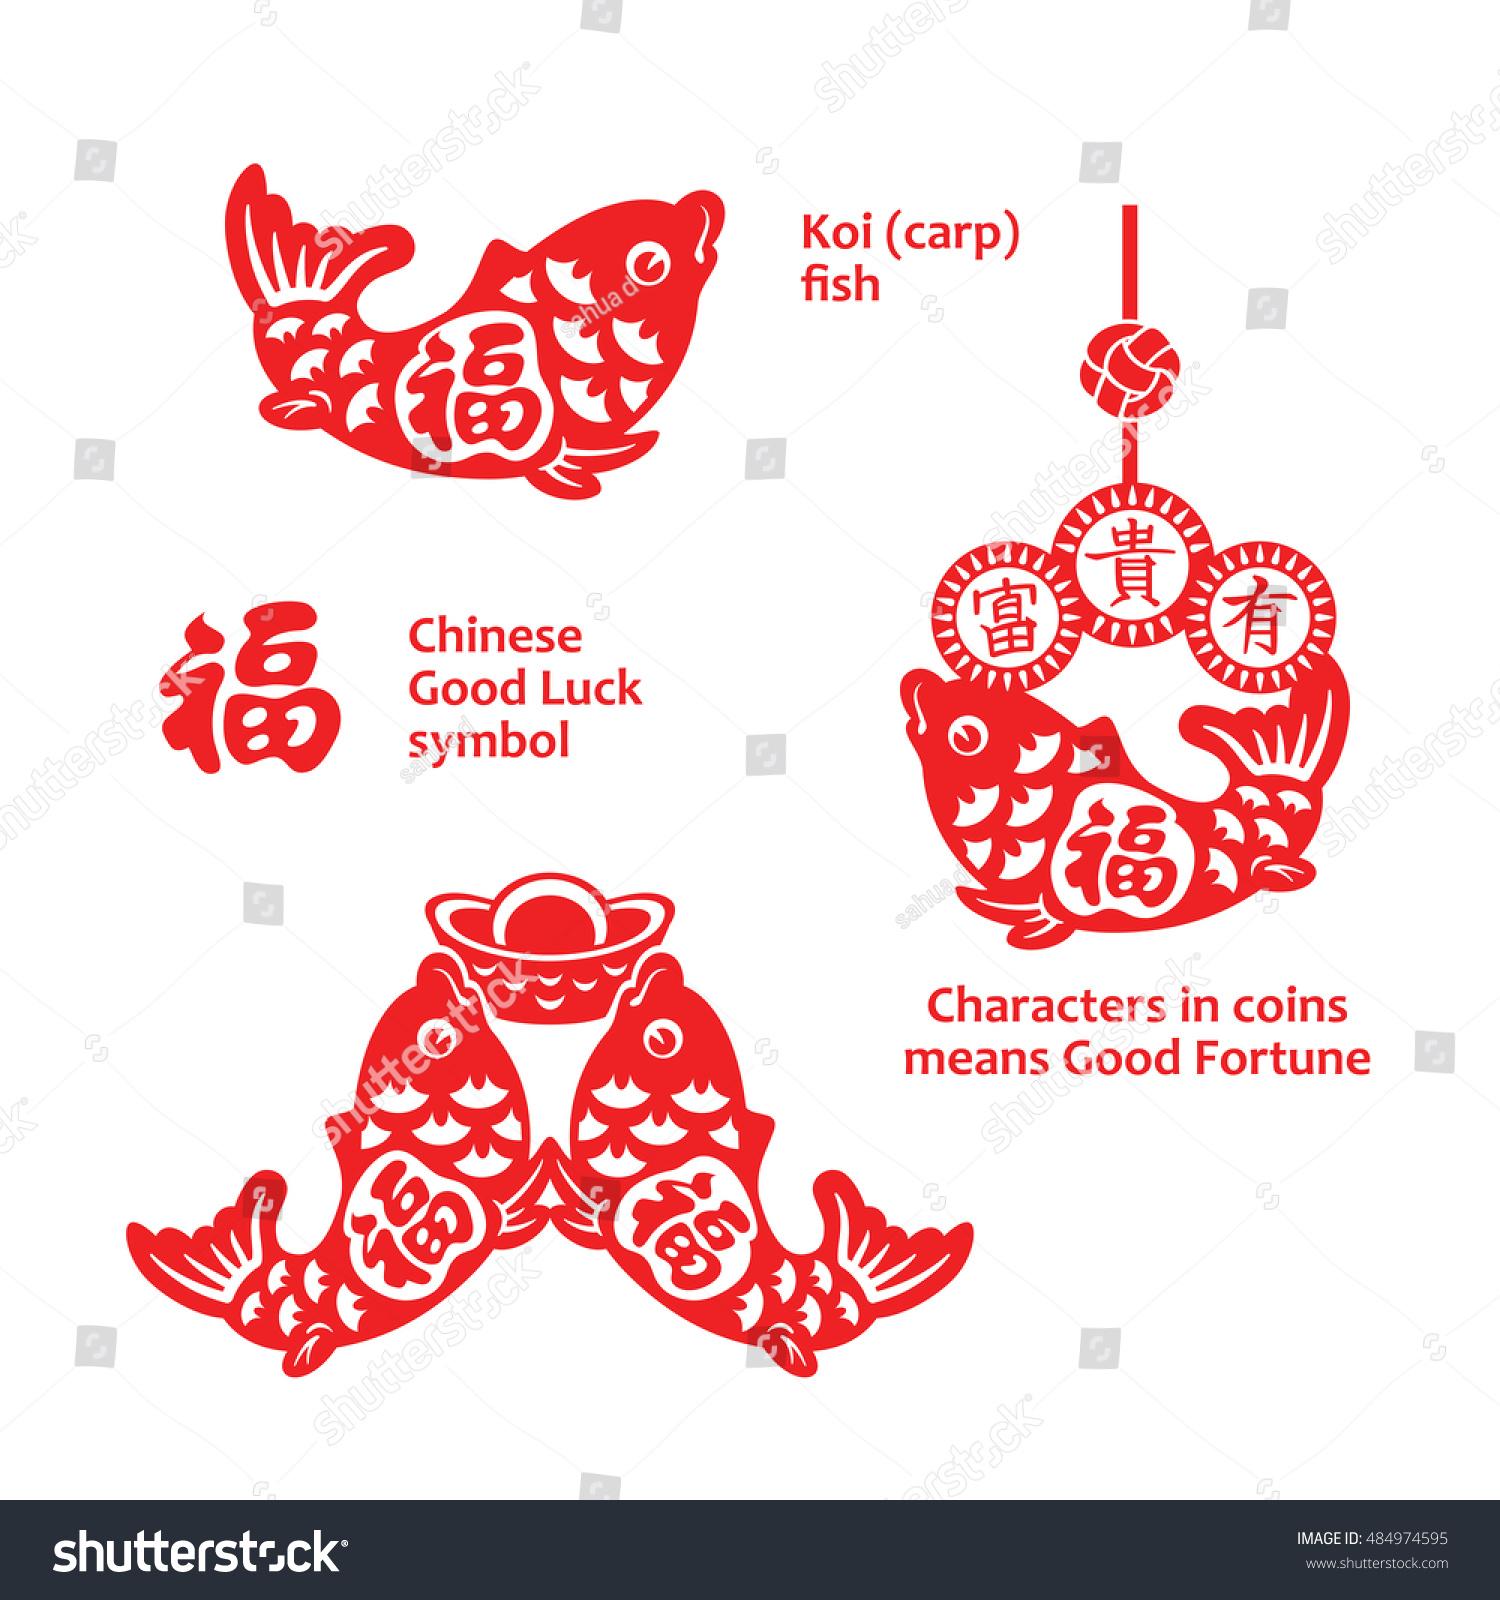 Chinese New Year Koi Fish Papercut Stock Vector 484974595 - Shutterstock